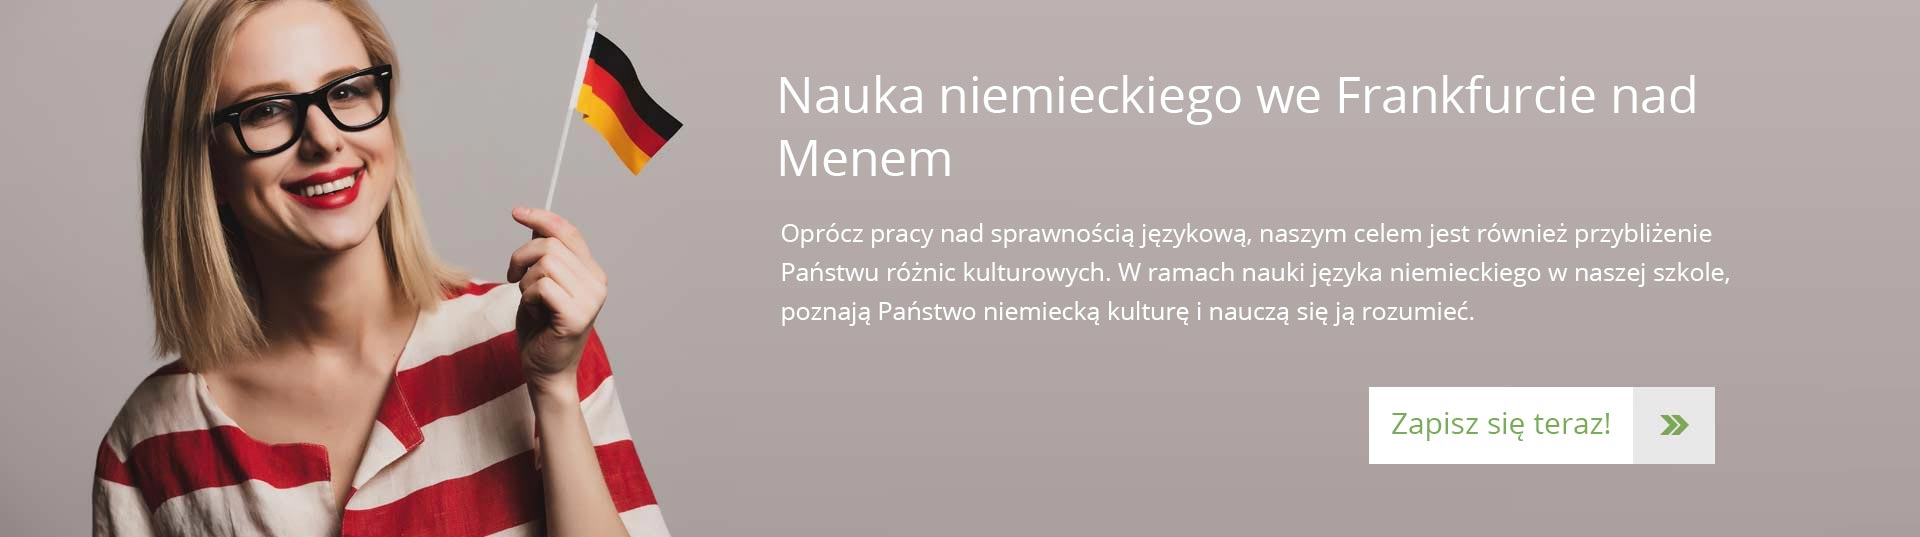 Nauka niemieckiego we Frankfurcie nad Menem – Nauka niemieckiego we Frankfurcie nad Menem